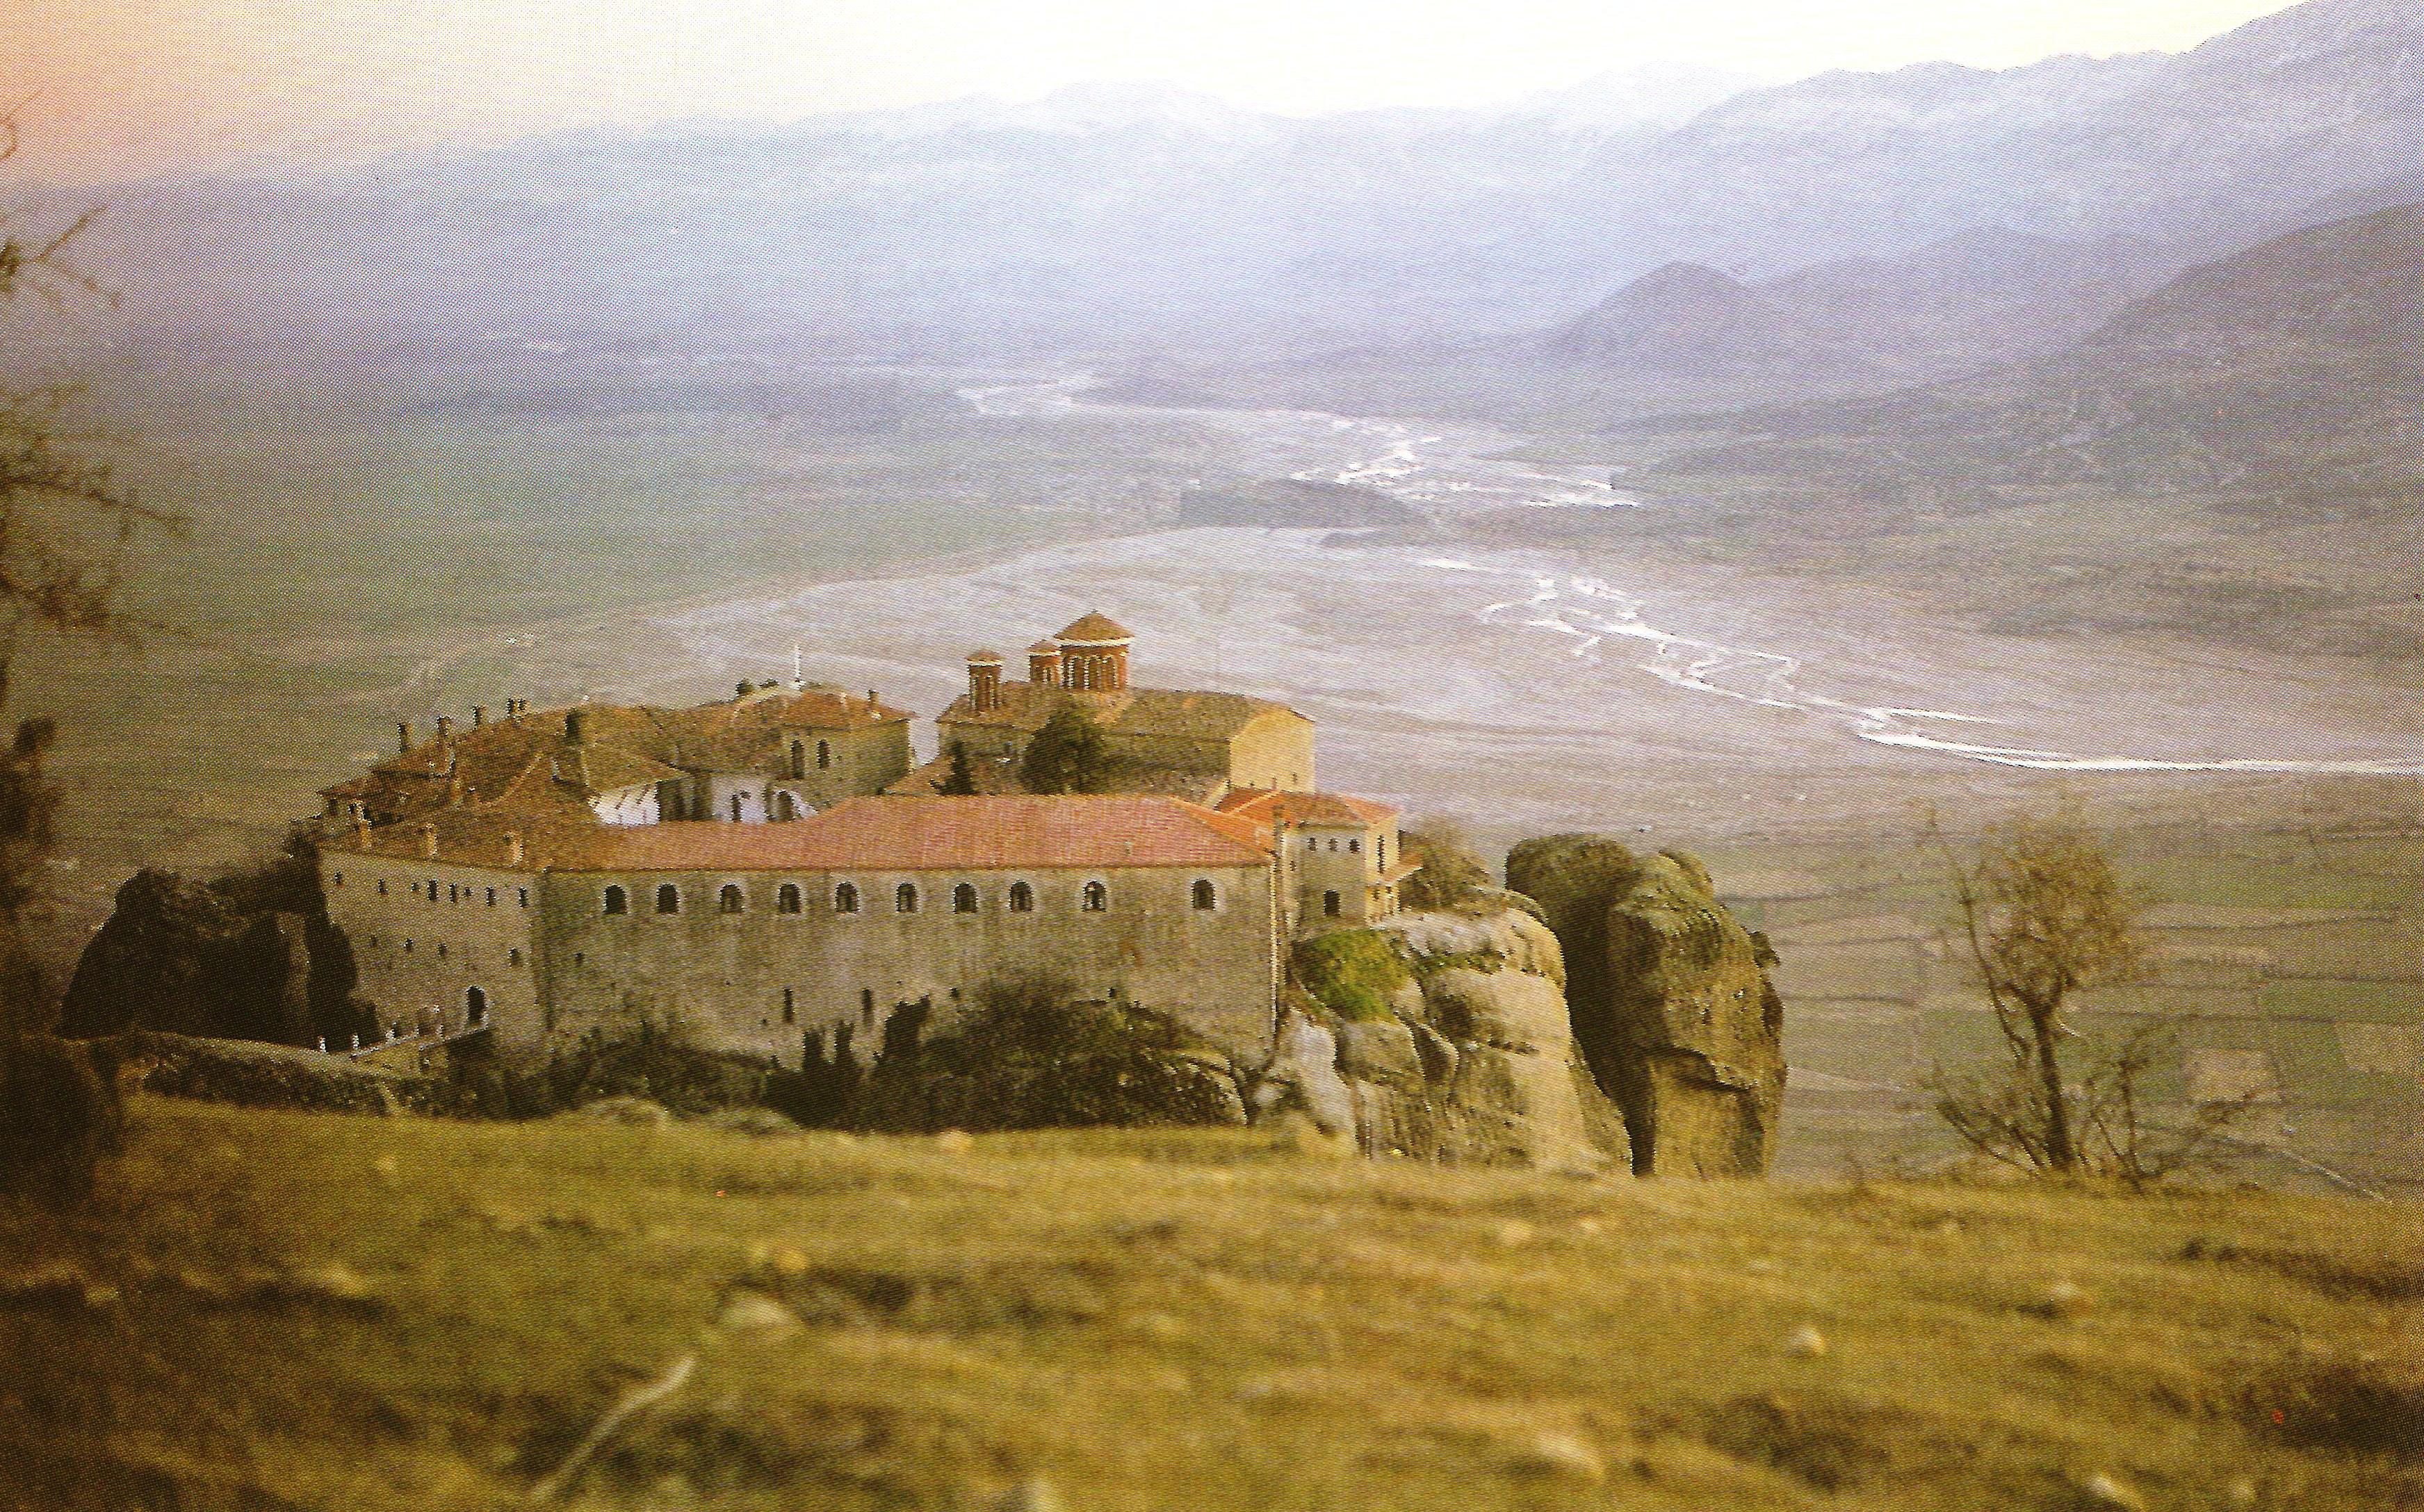 Η Ιερά Μονή Αγίου Στεφάνου. Εξωτερική άποψη.